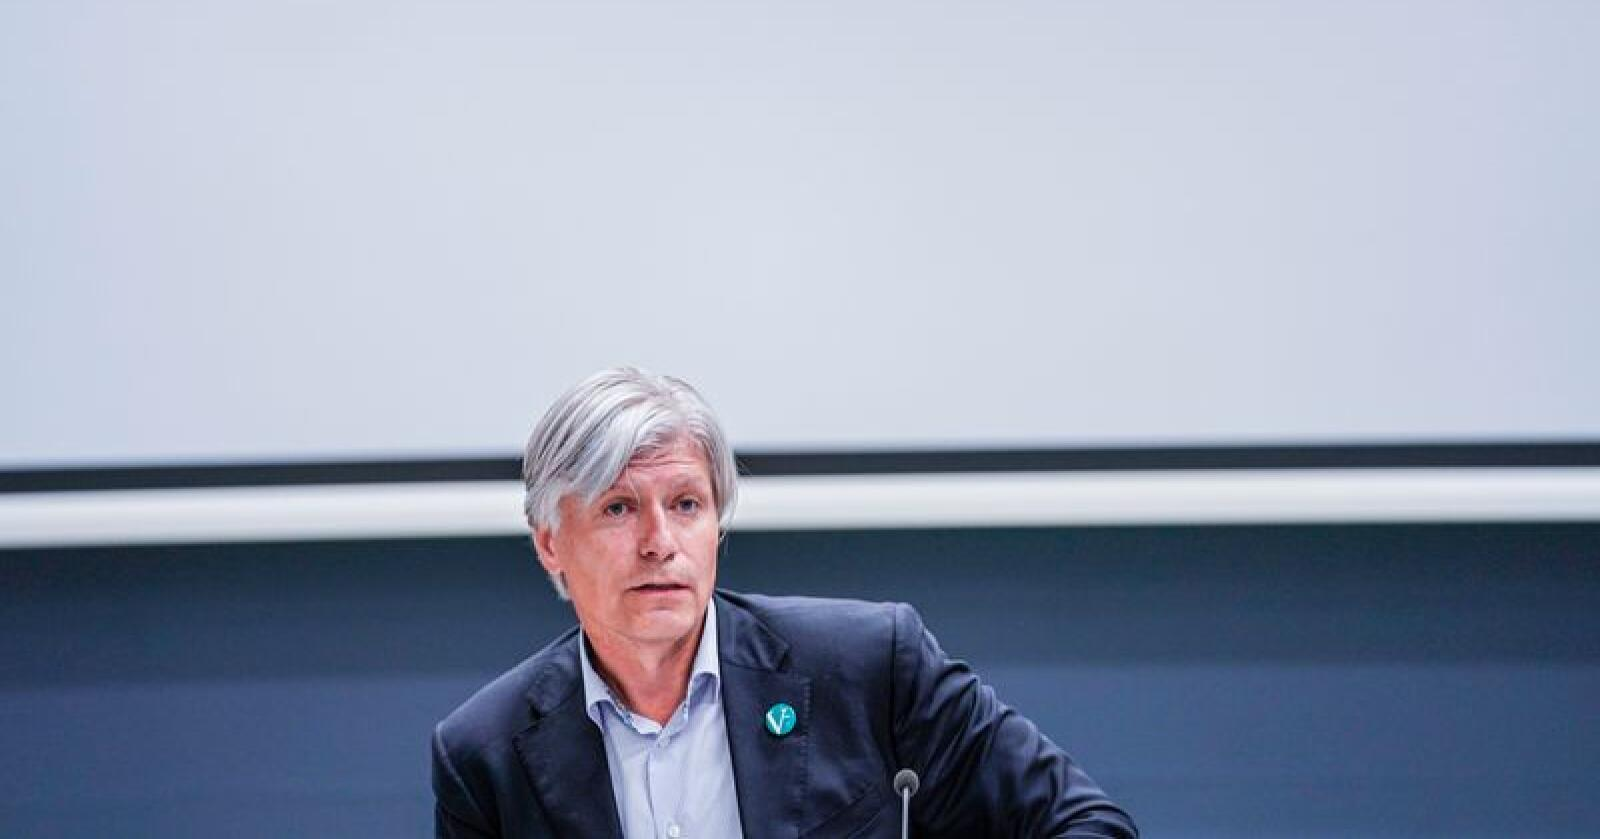 Klima- og miljøminister Ola Elvestuen (V) vil sette av tre millioner klimakvoter i en reserve. Foto: Stian Lysberg Solum / NTB scanpix